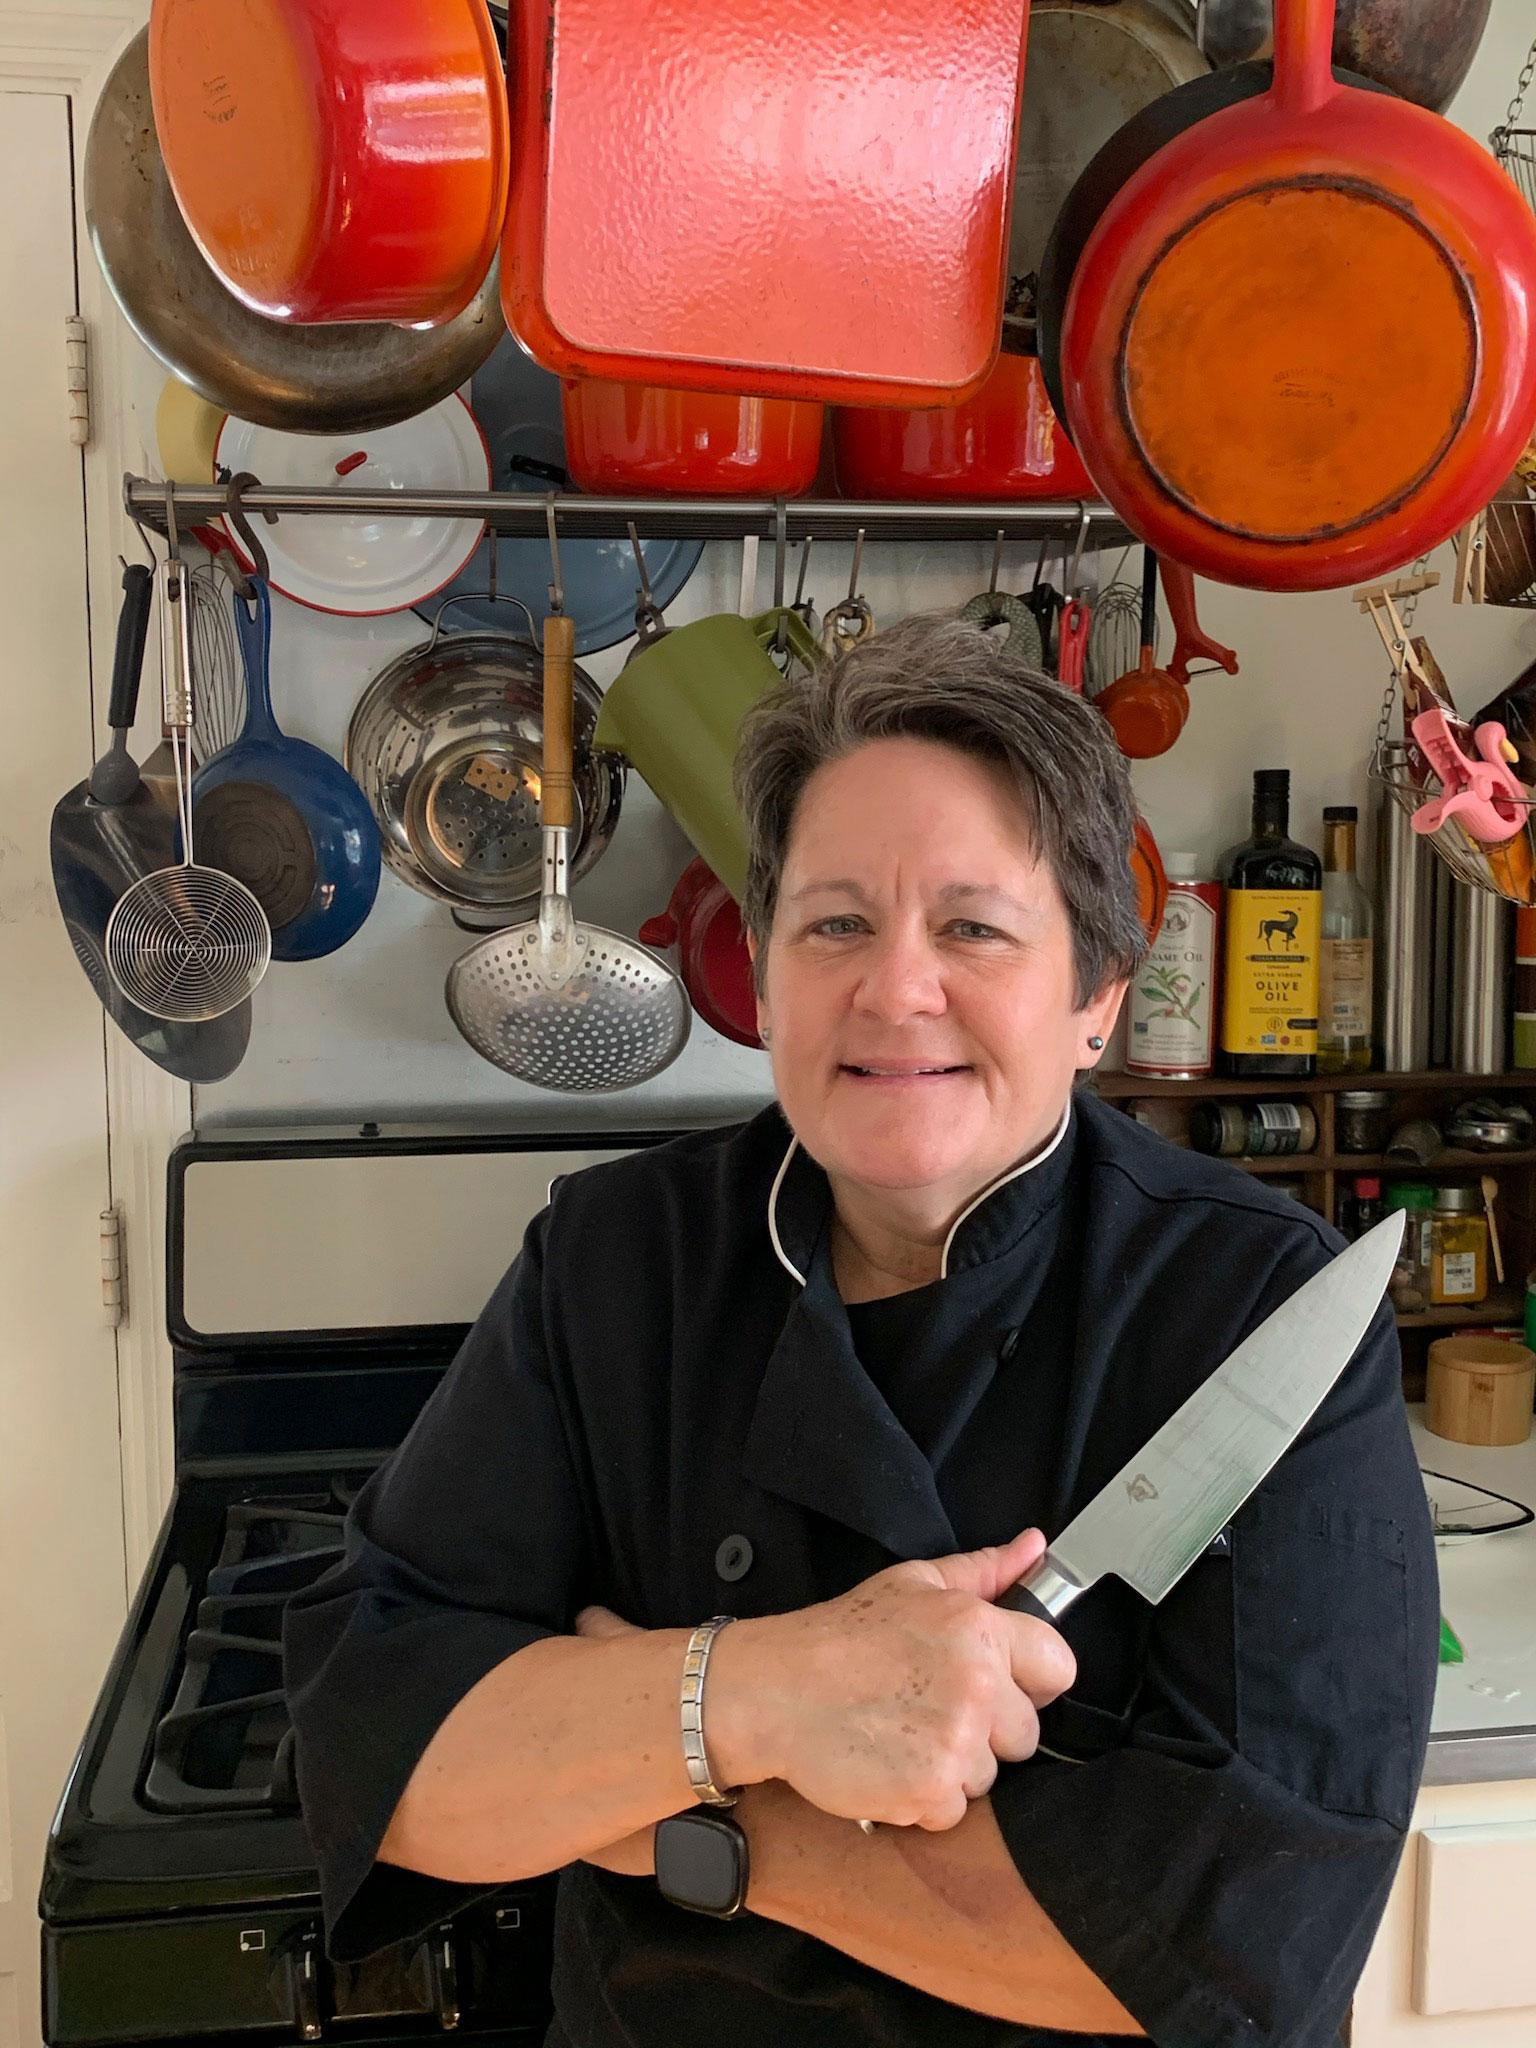 Chef Olive Davis